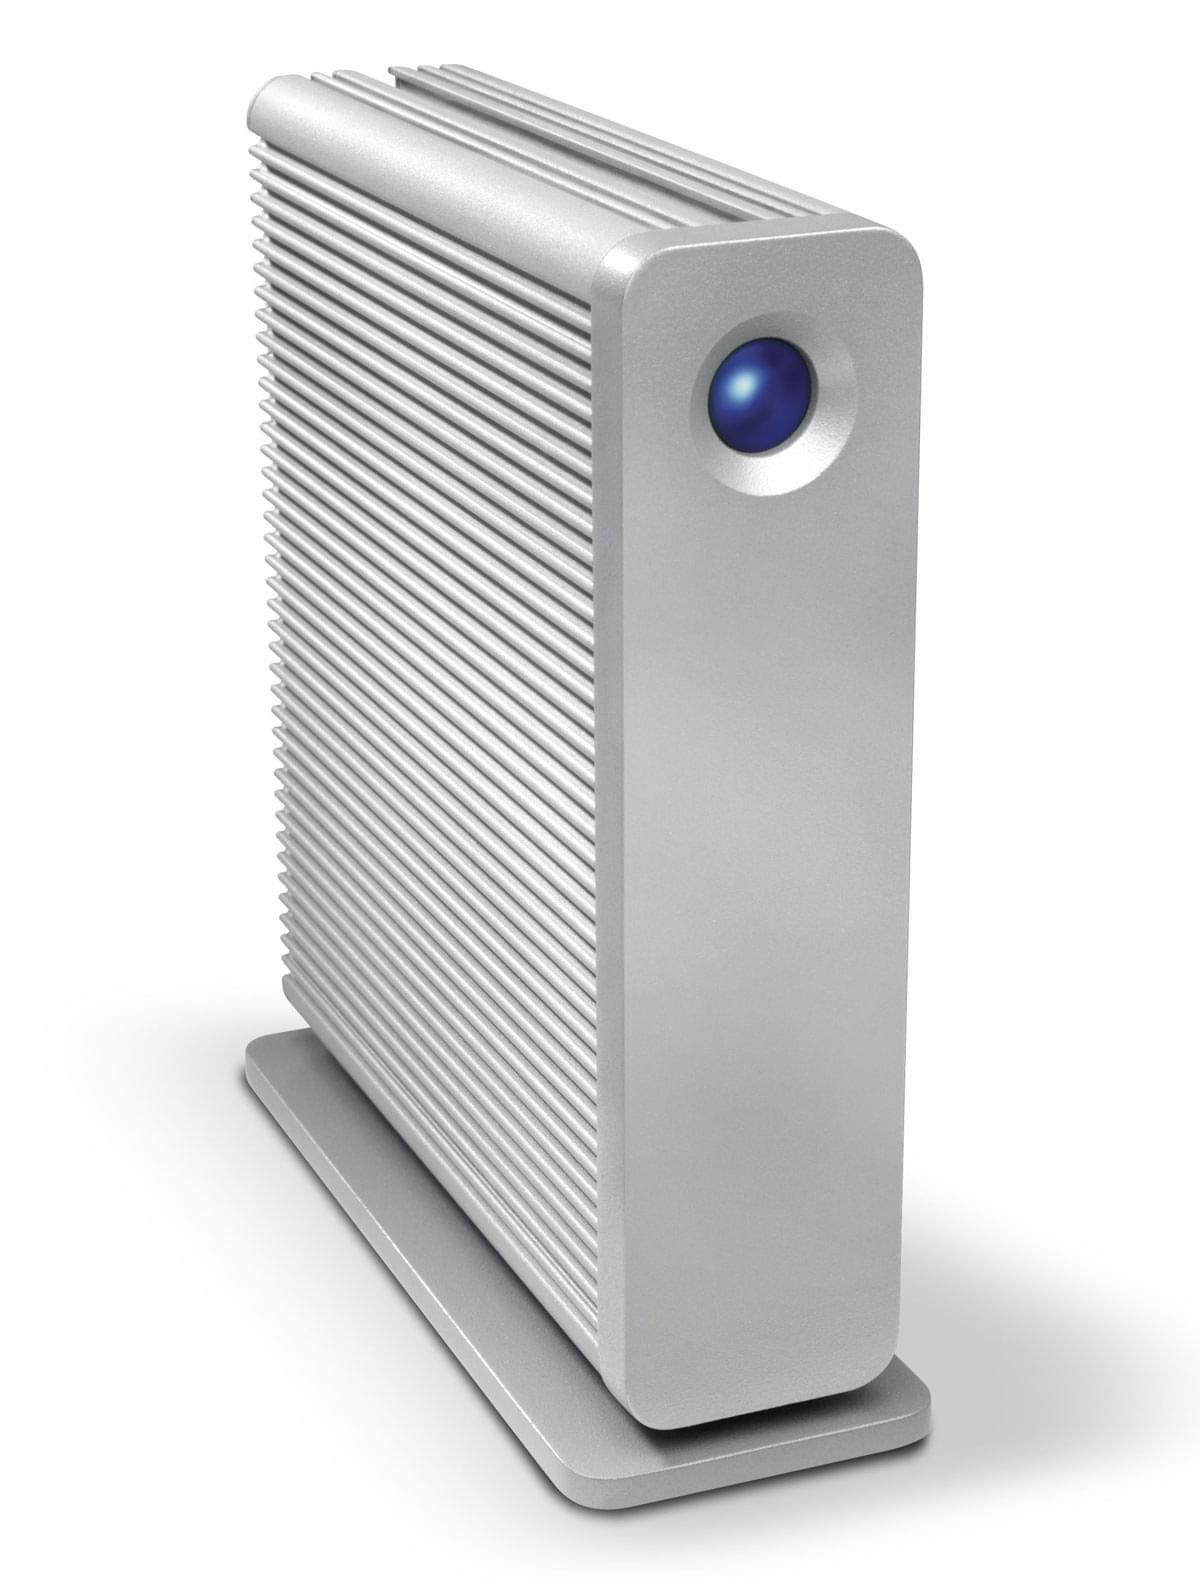 LaCie D2 Network 2 - Disque dur externe LaCie - Cybertek.fr - 0